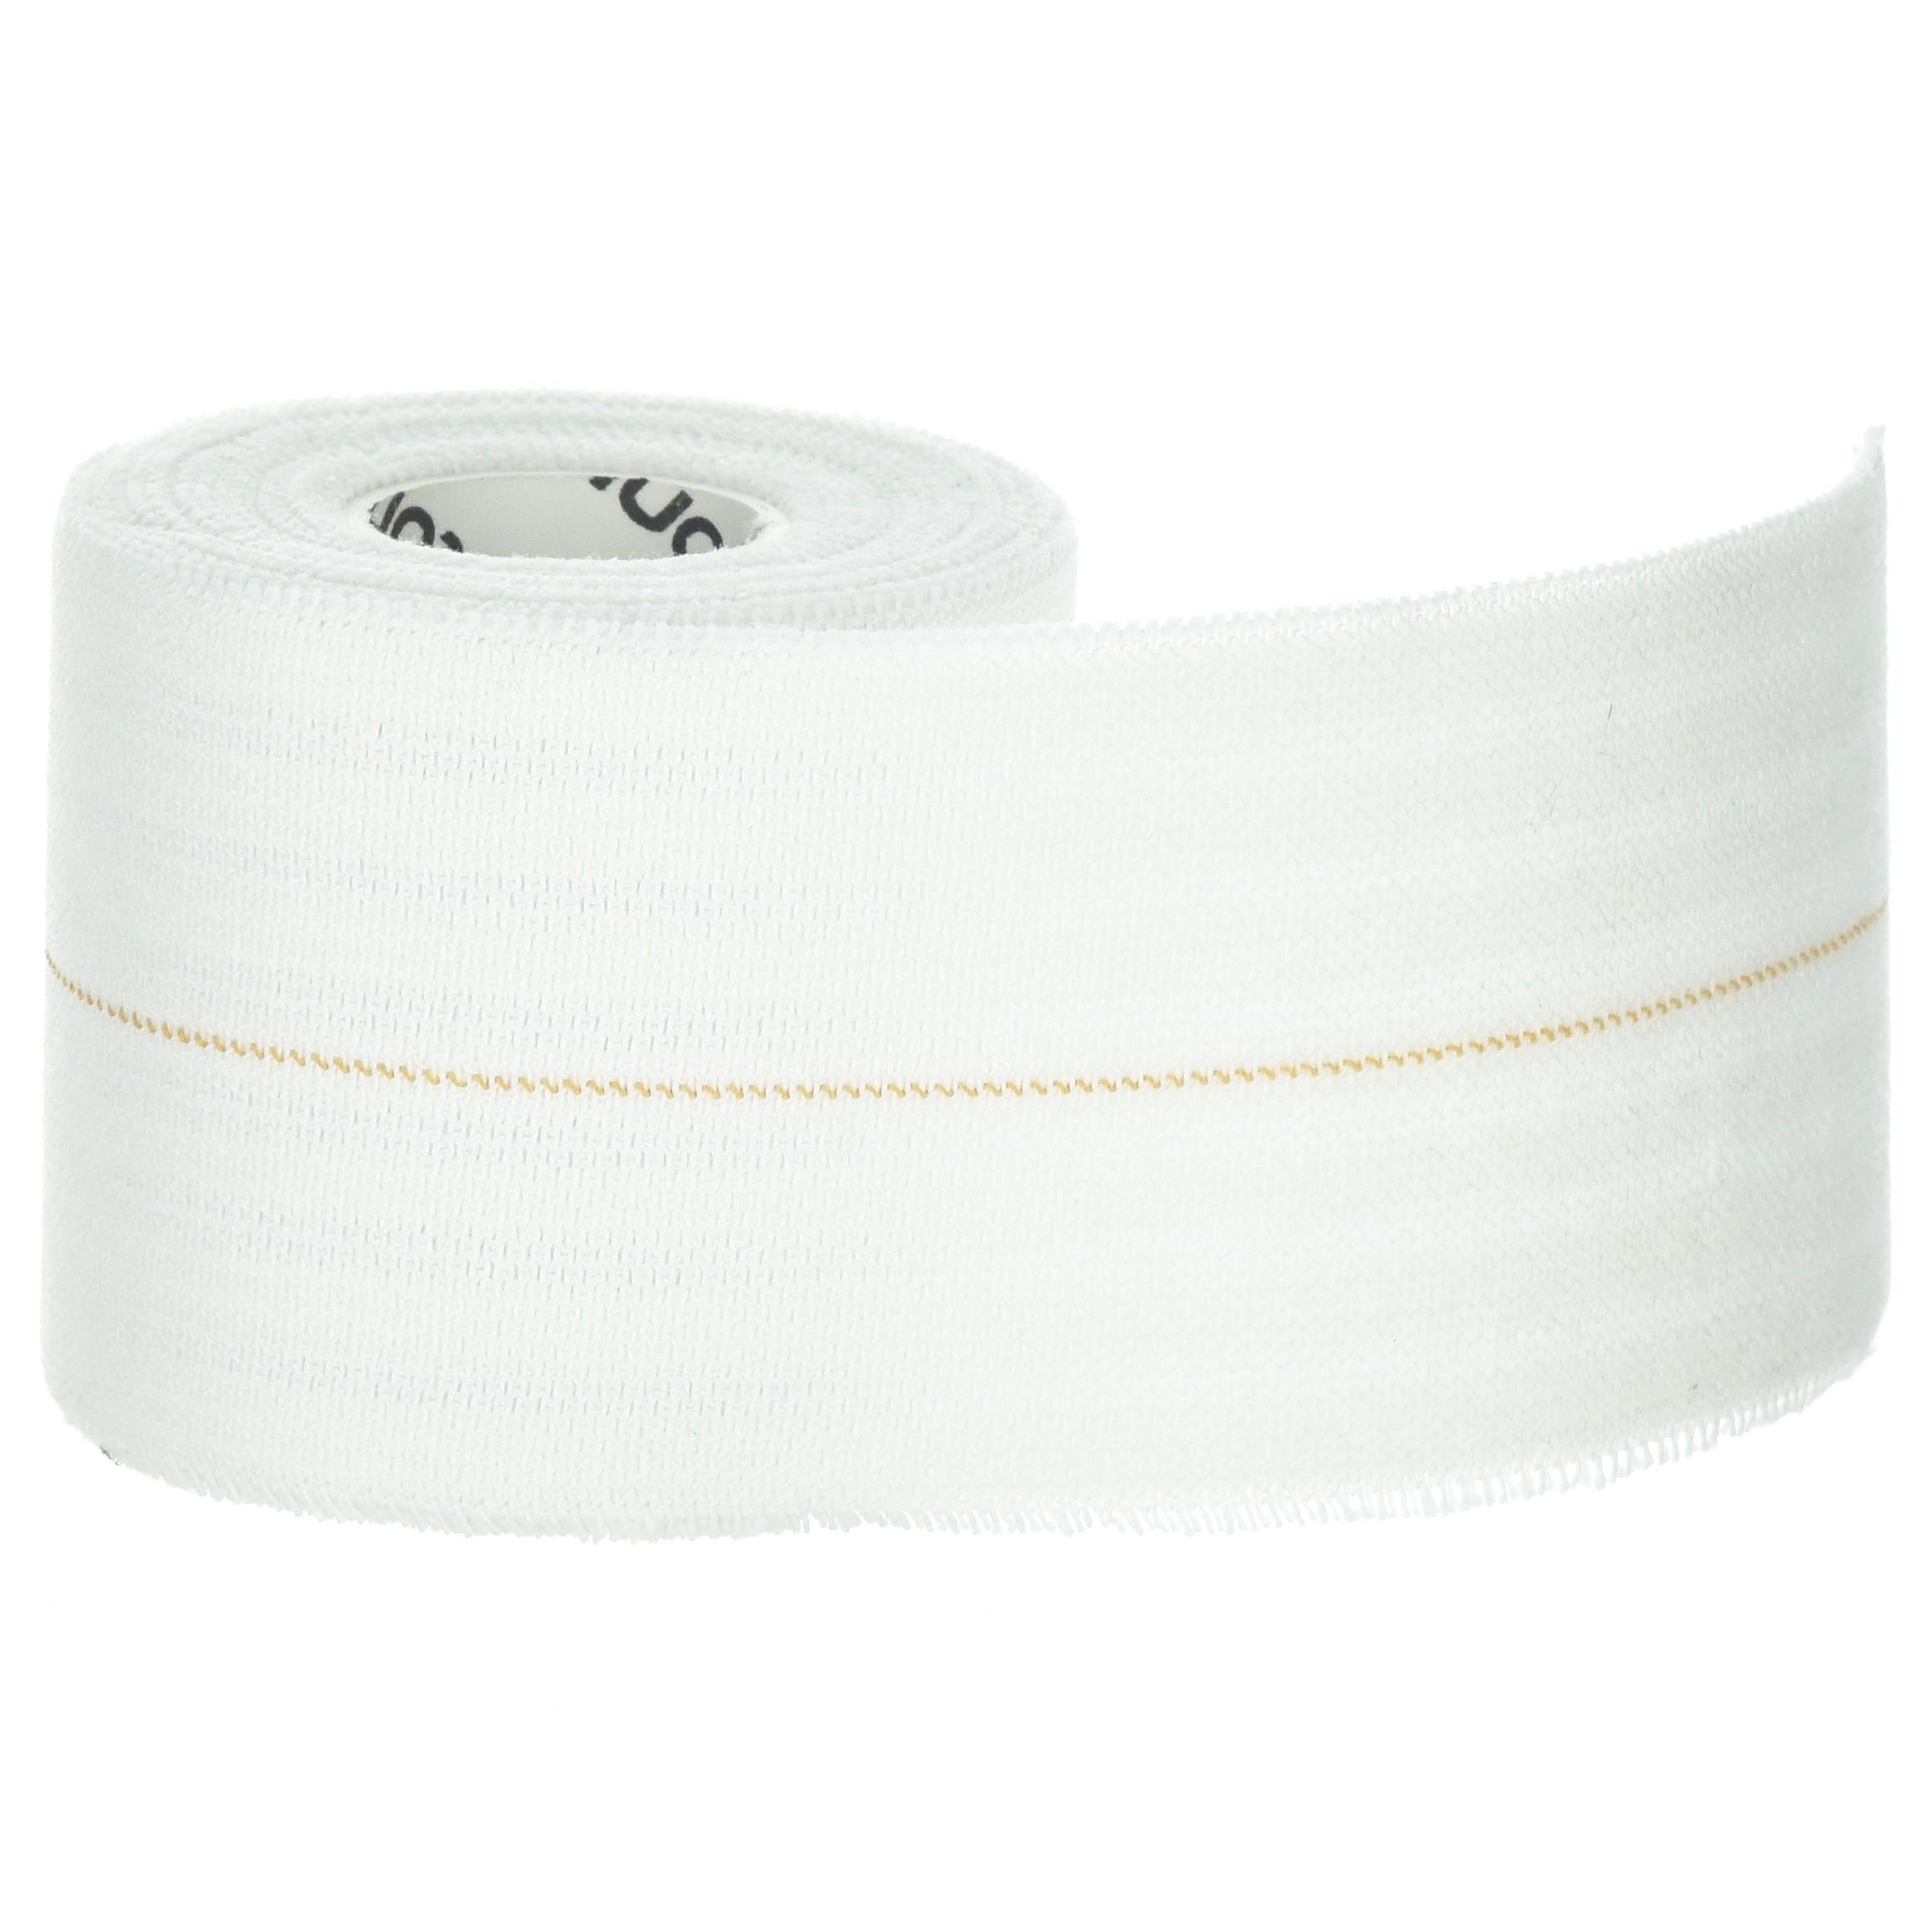 Bandă Elastică 6 cm alb la Reducere poza